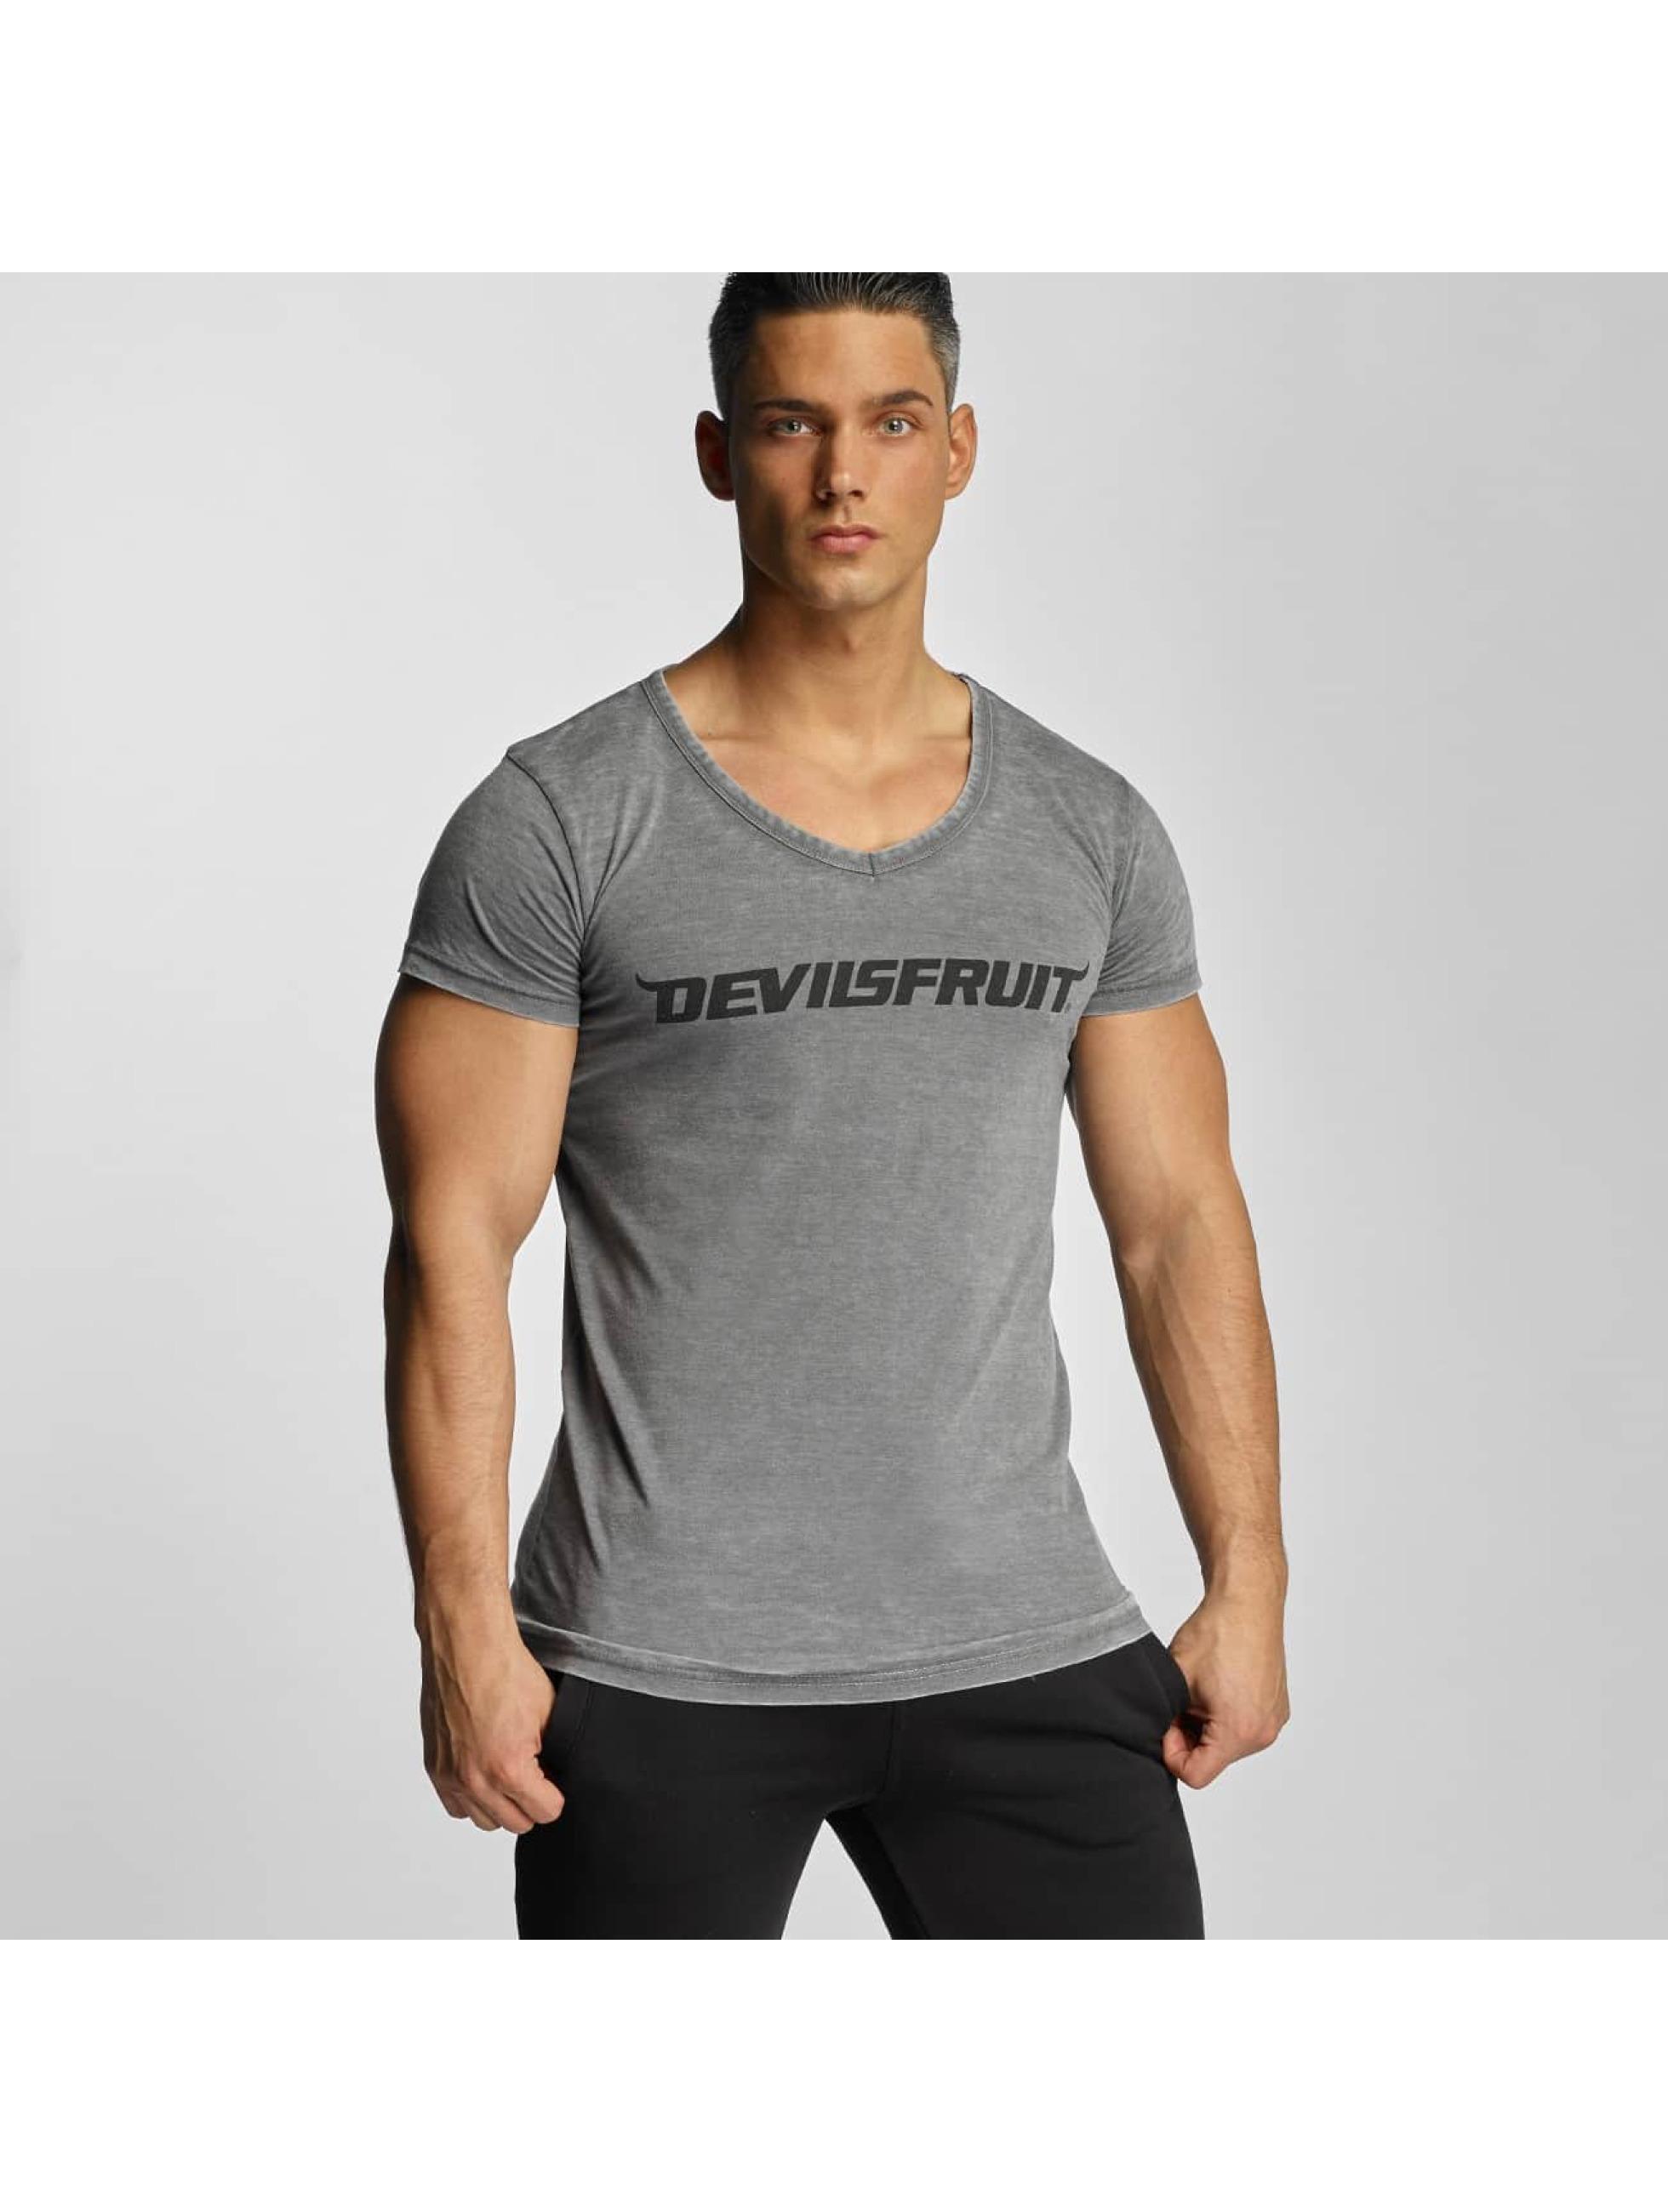 Devilsfruit Männer T-Shirt Basic in grau